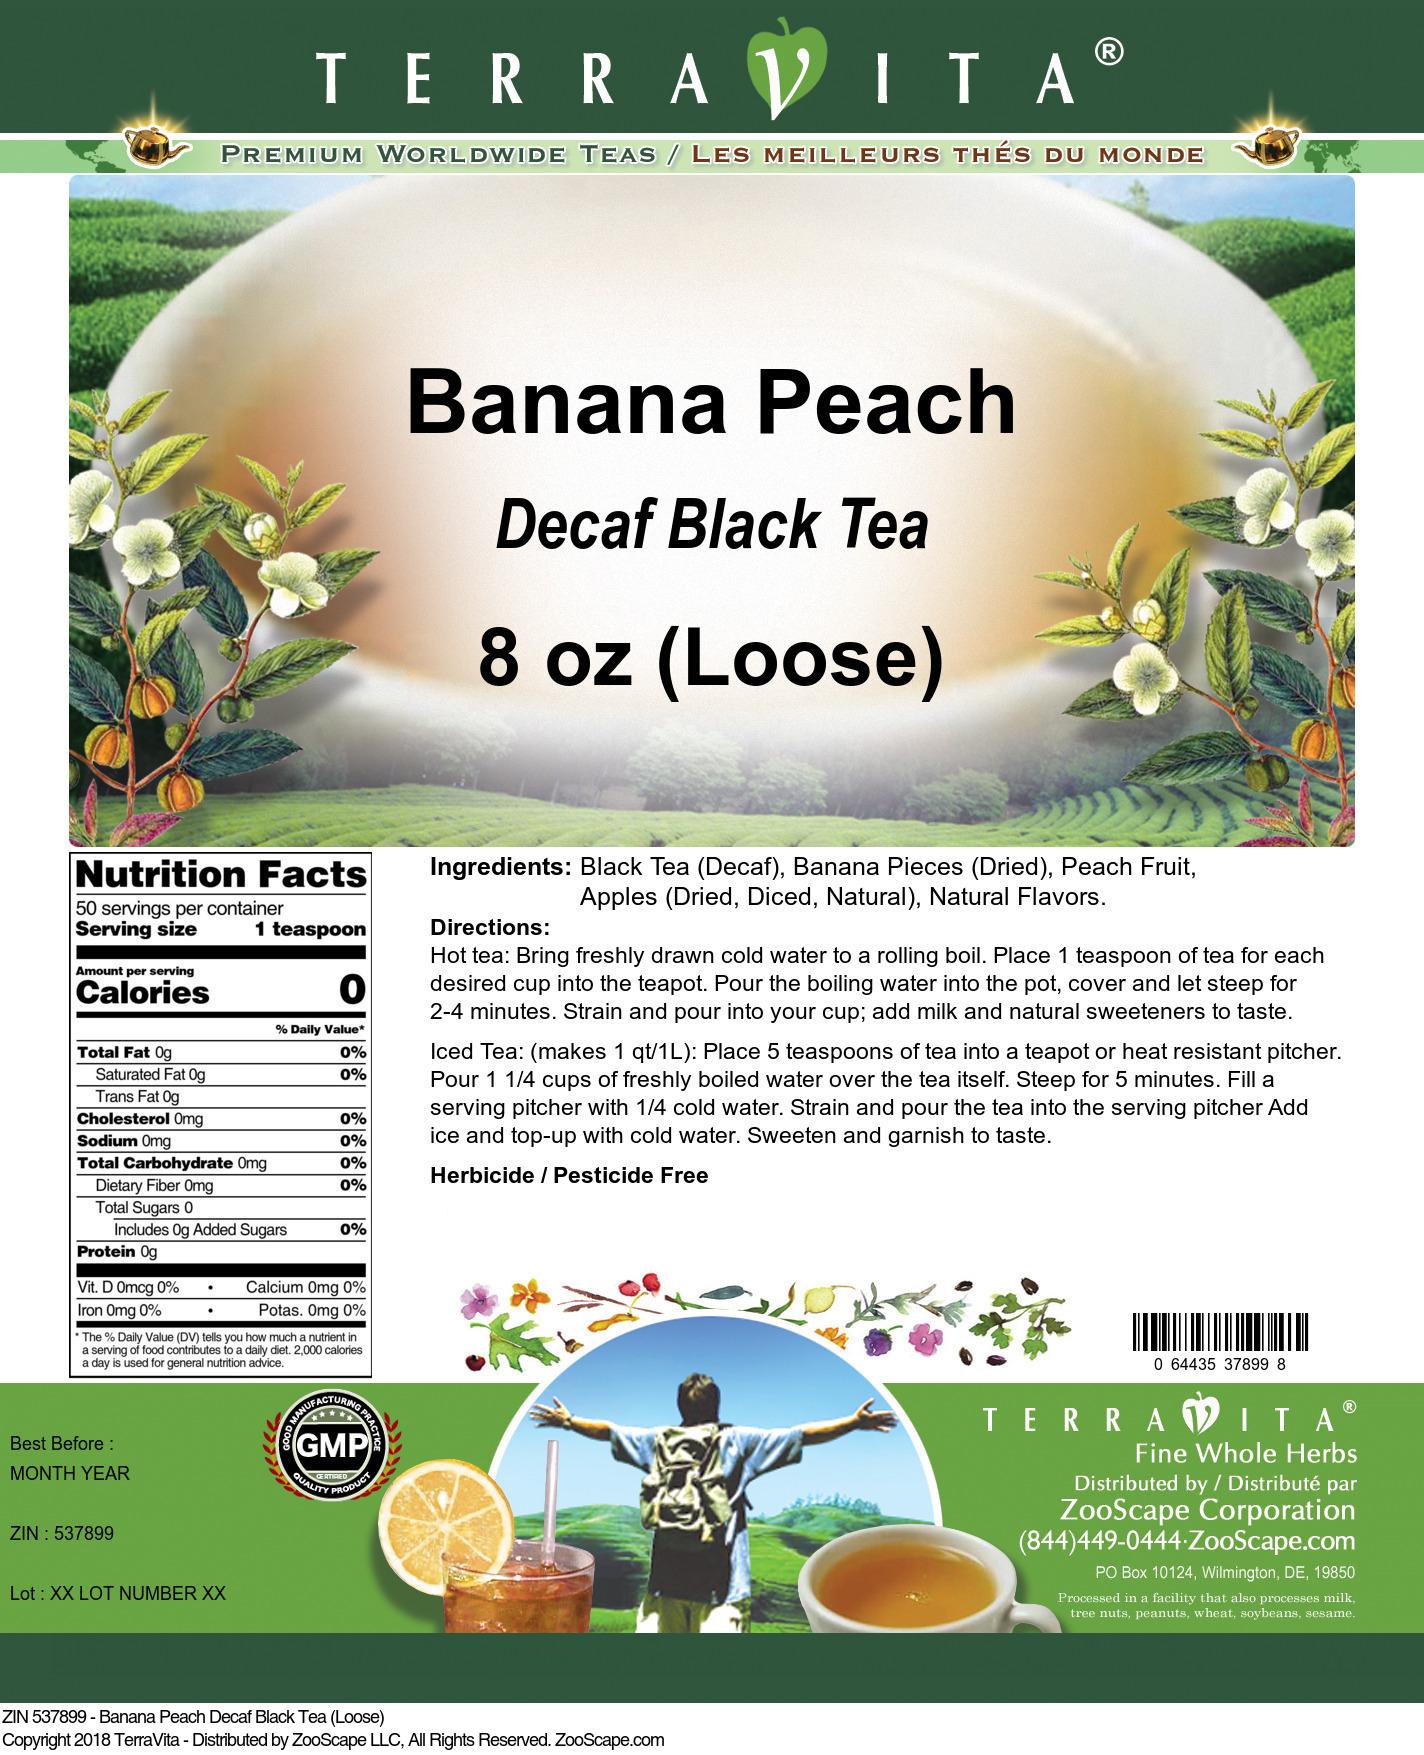 Banana Peach Decaf Black Tea